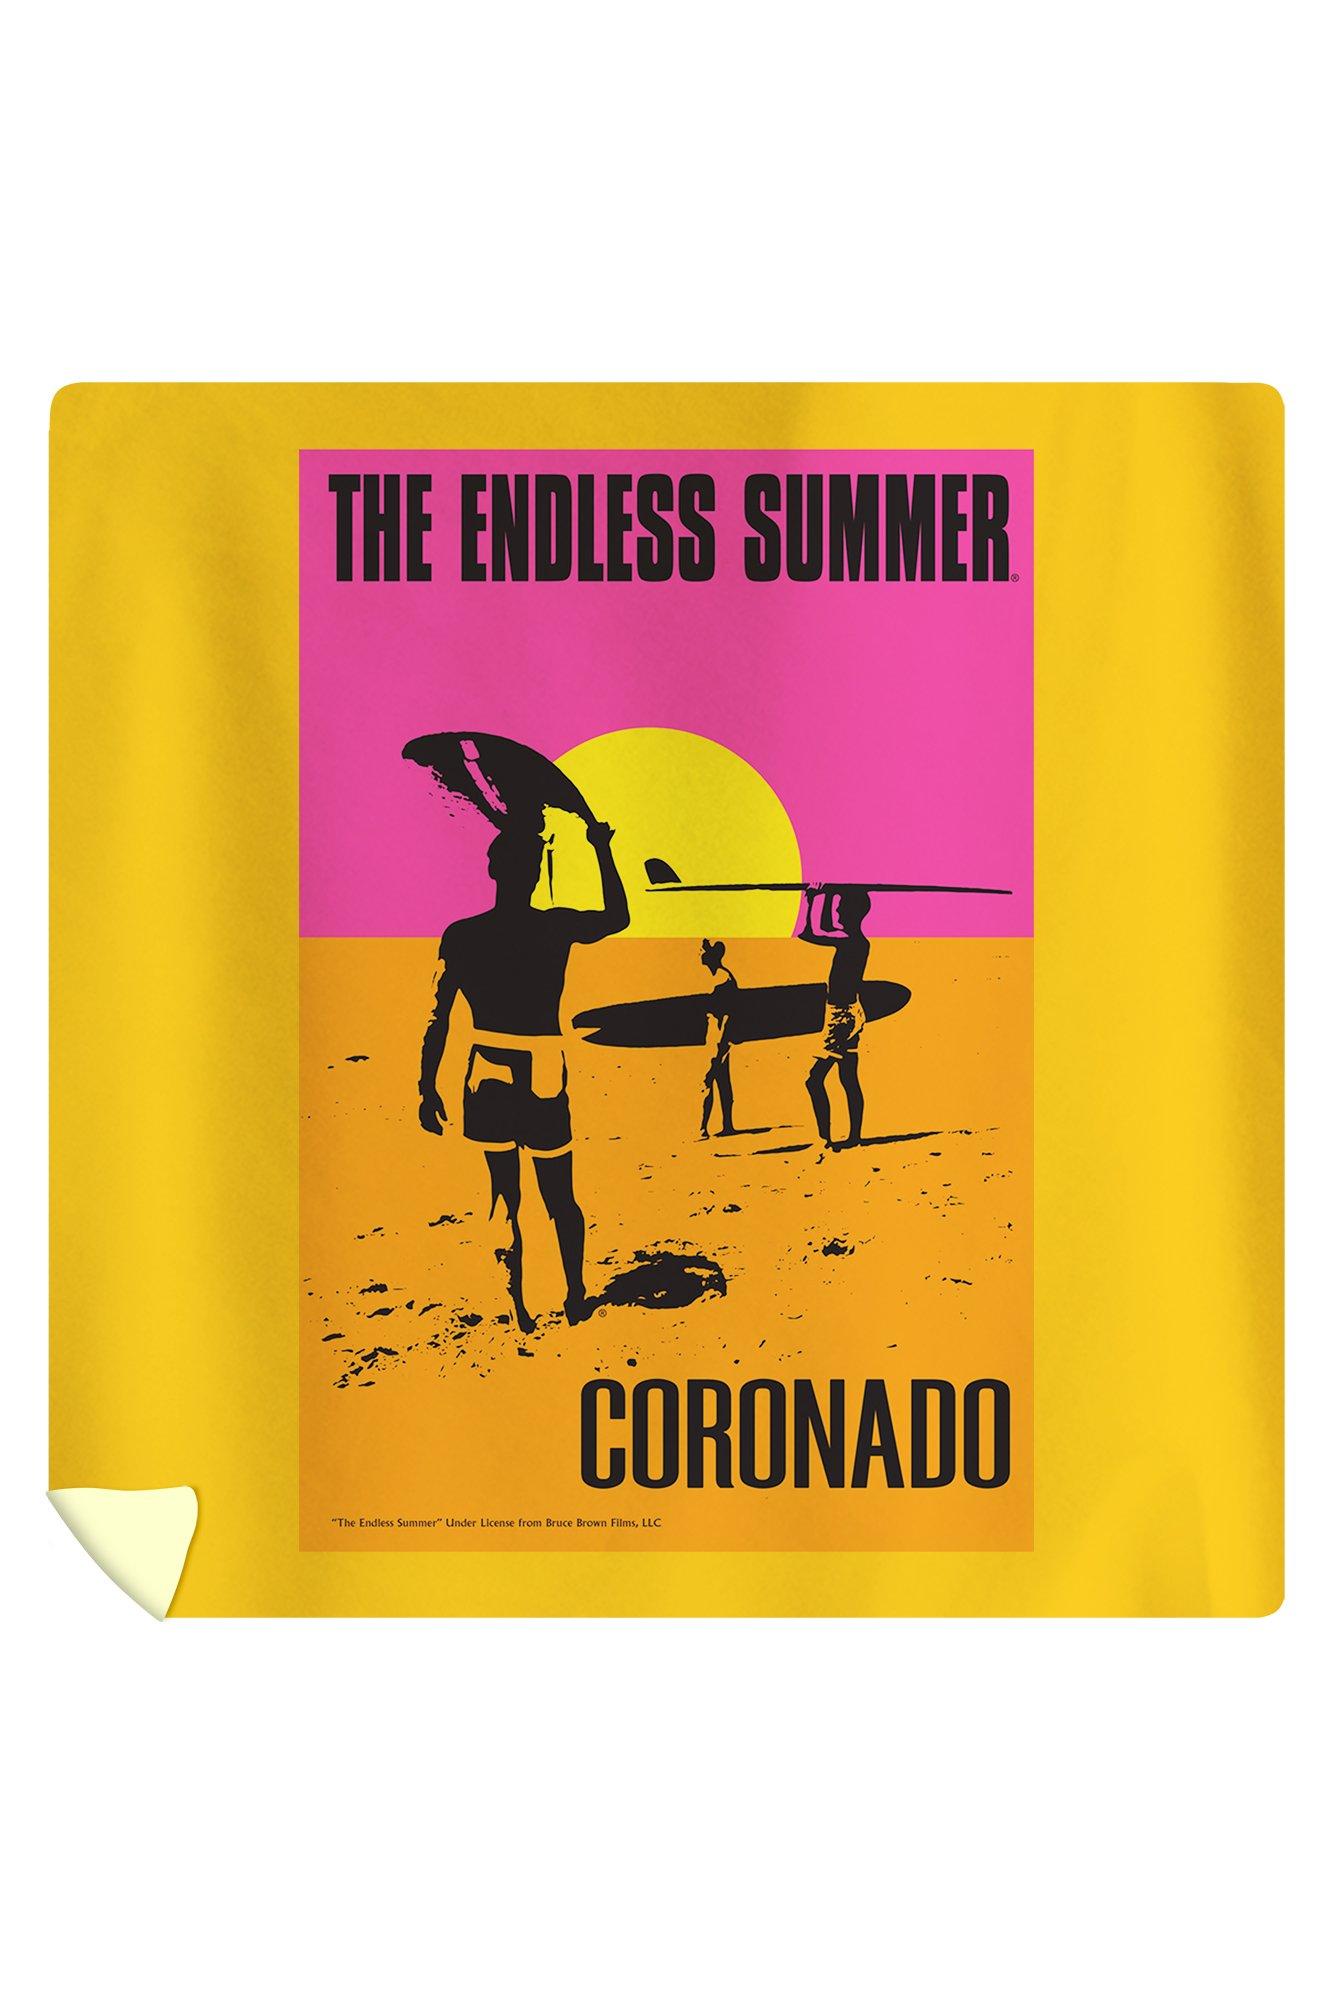 Coronado, California - The Endless Summer - Original Movie Poster (88x88 Queen Microfiber Duvet Cover)